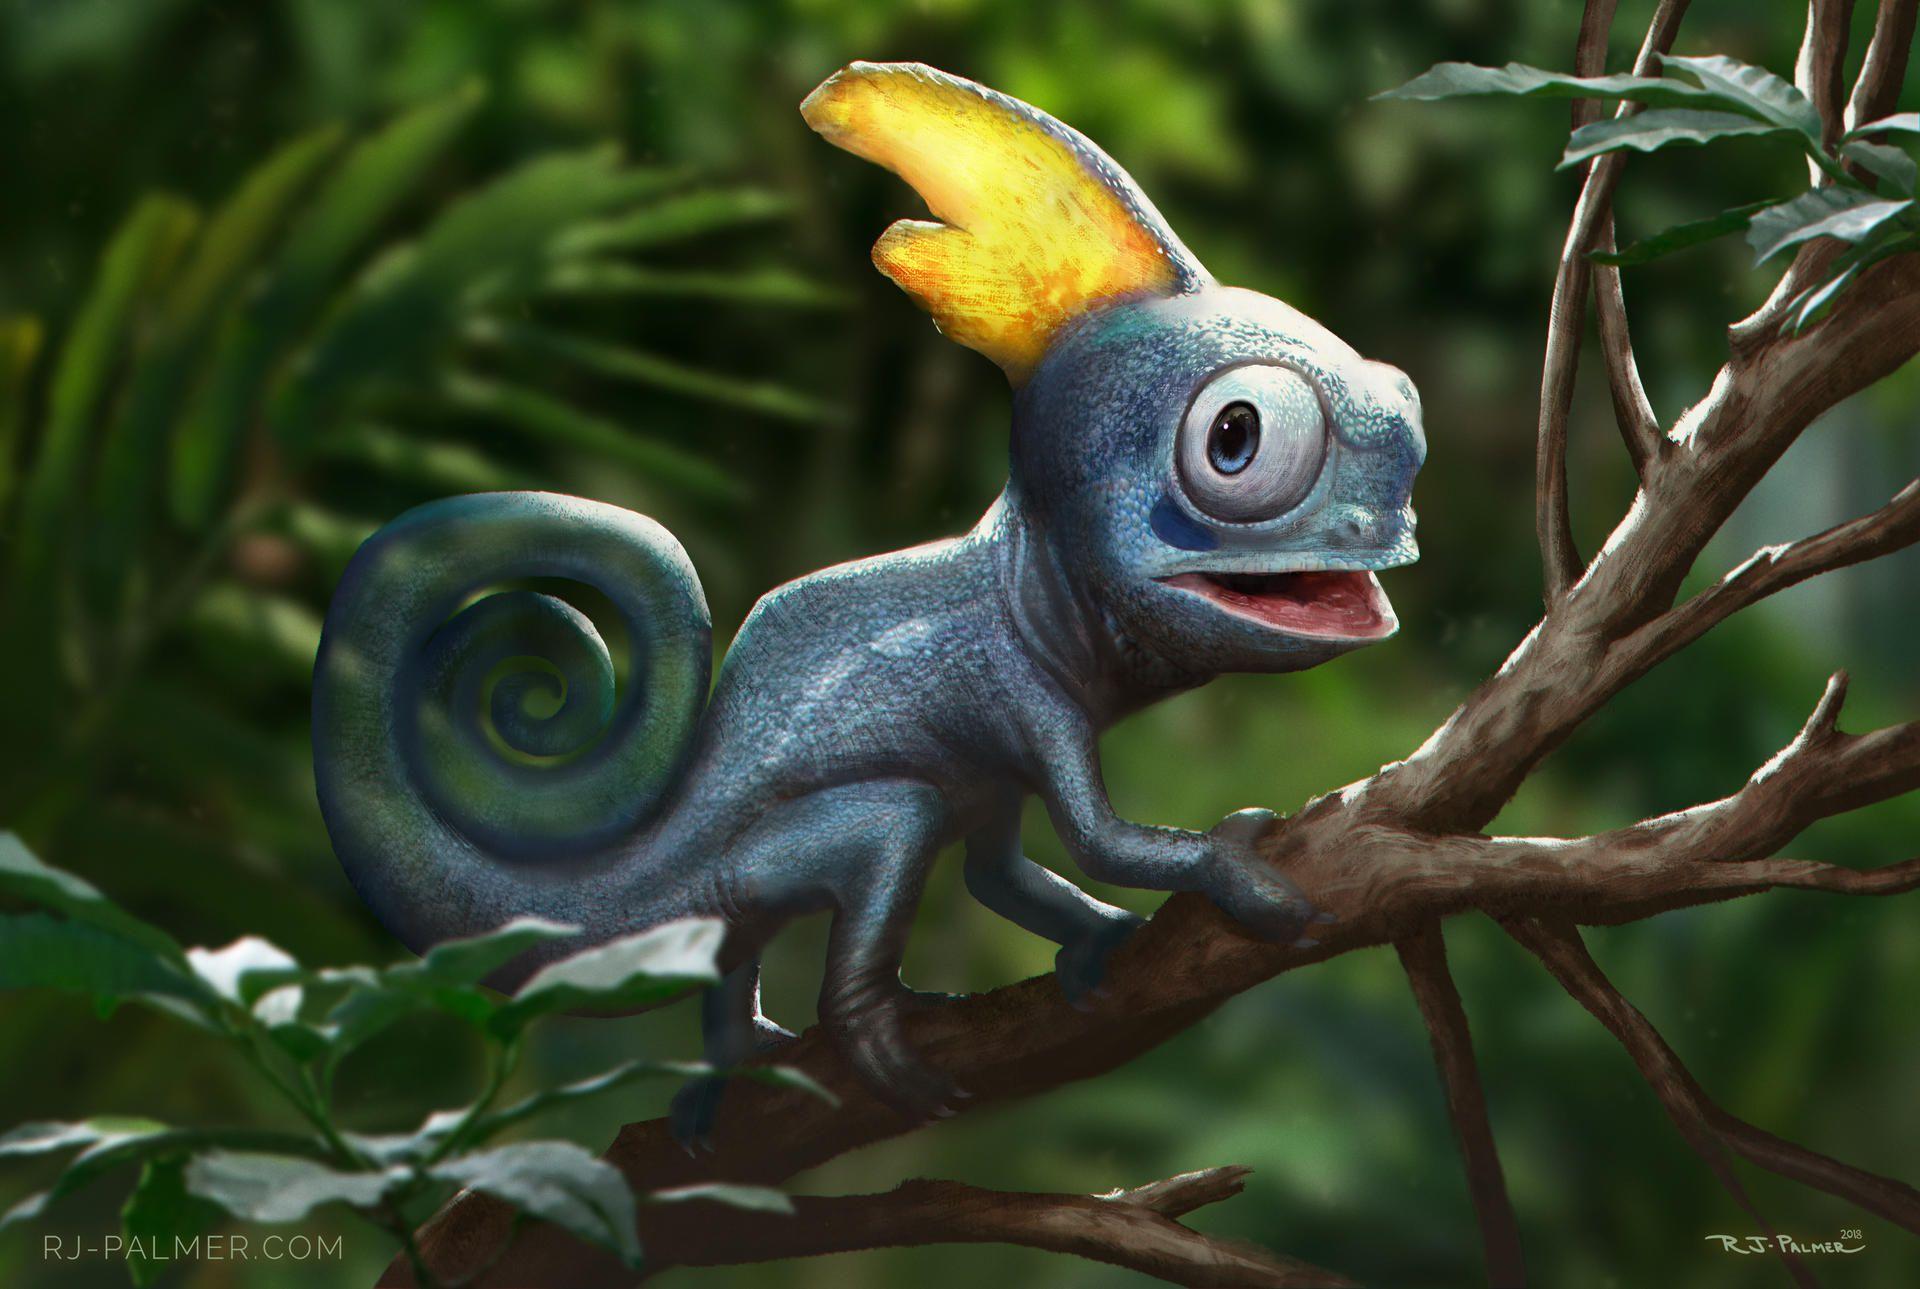 Larméléon, starter de type eau dans Pokémon Épée et Bouclier